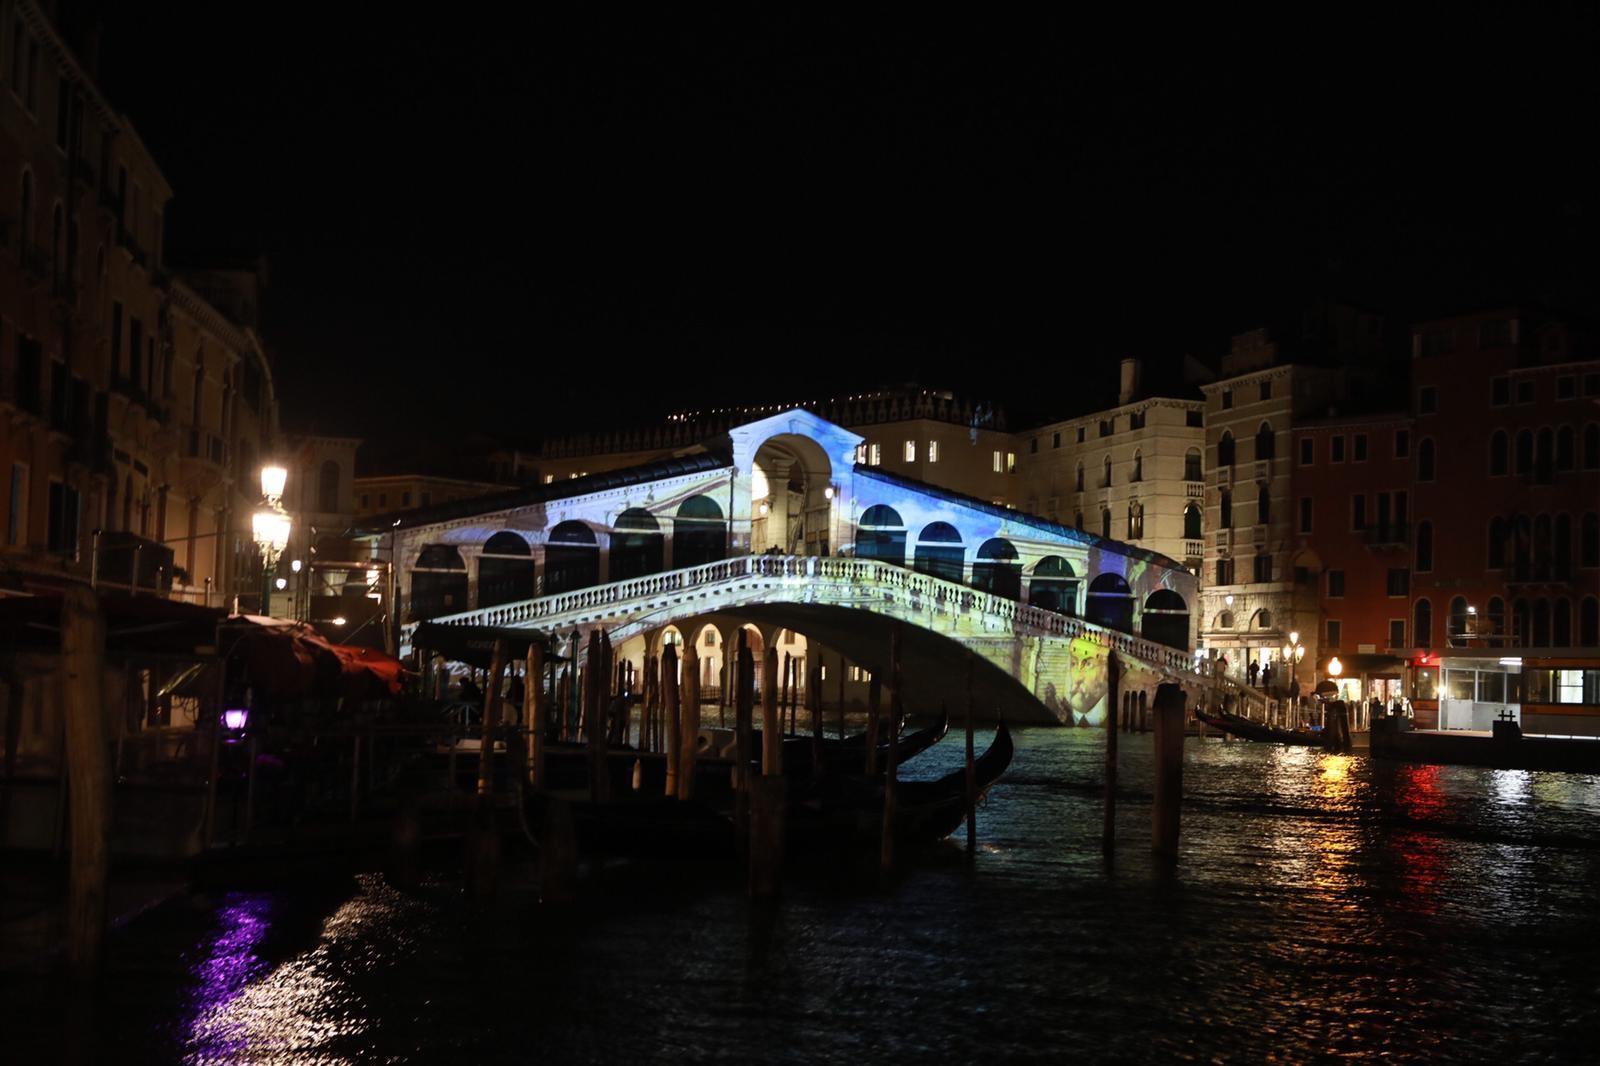 Natale di Luce 2020, Ponte di Rialto, Venezia